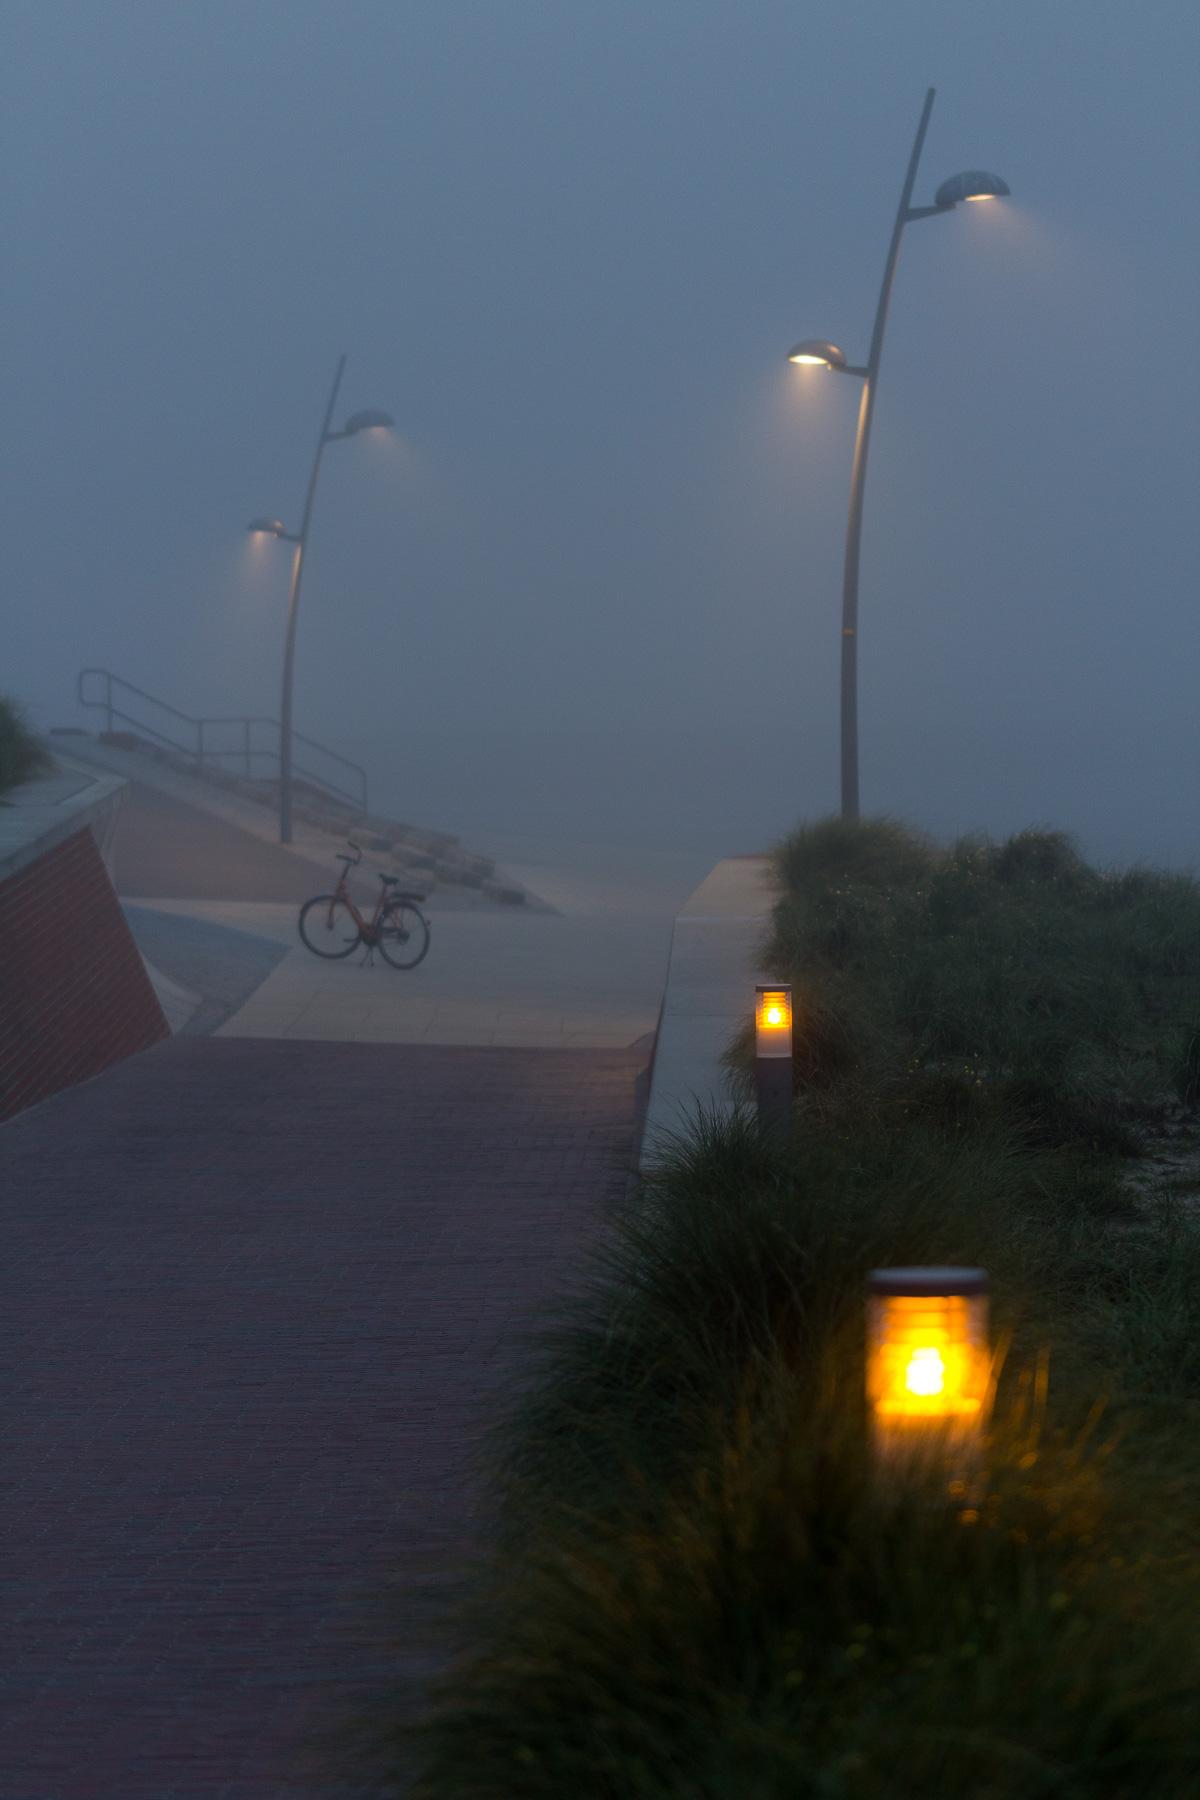 einsames fahrrad, borkum im nebel